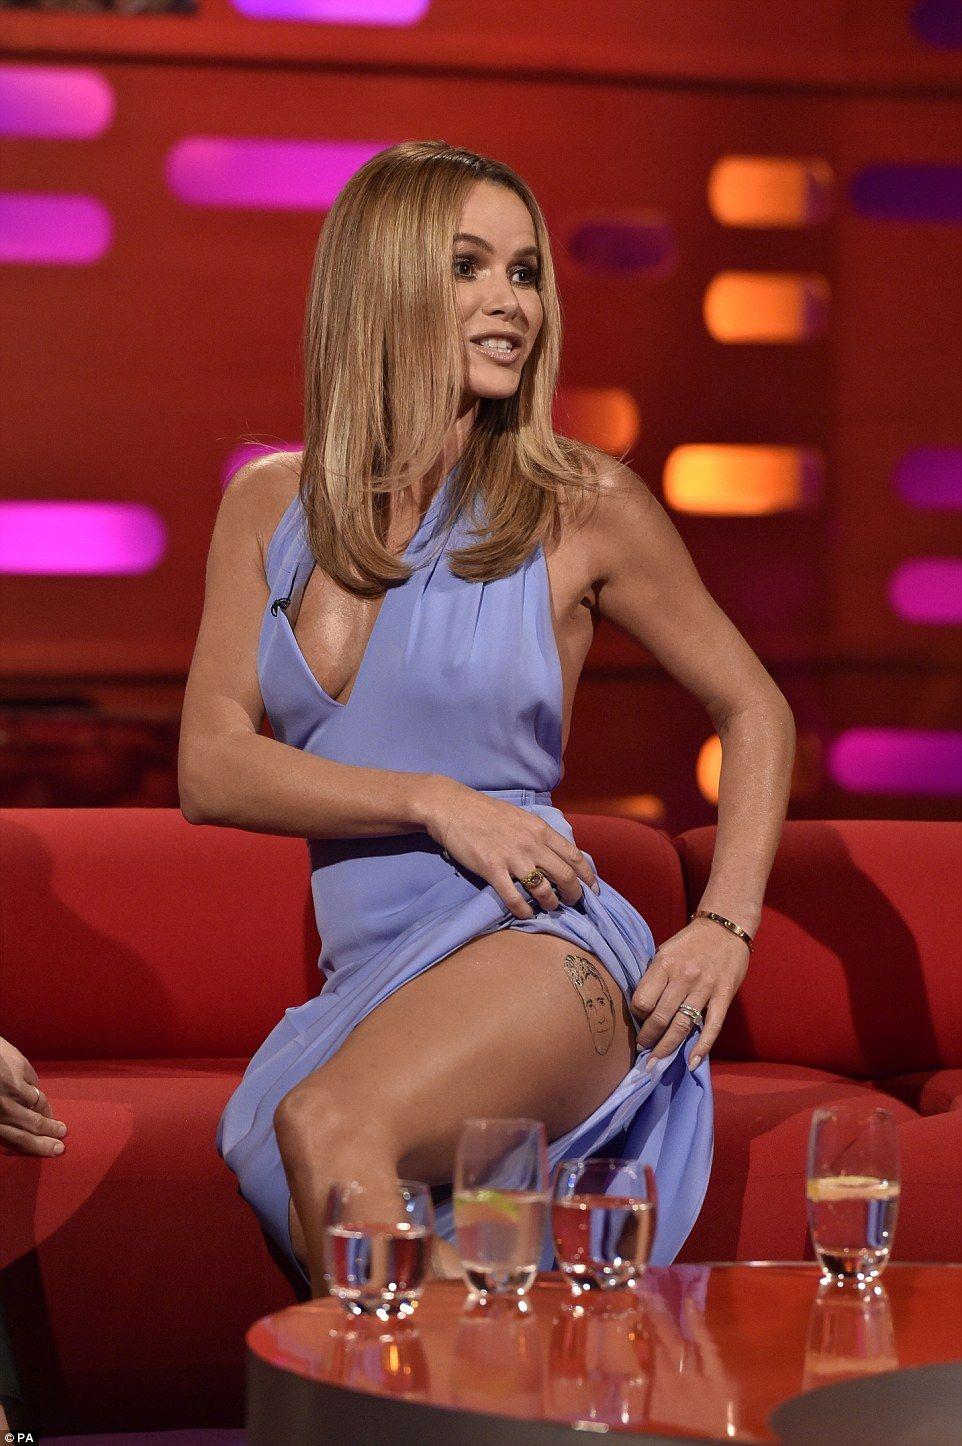 Amanda Follando amanda holden nude photos | xpornxpics